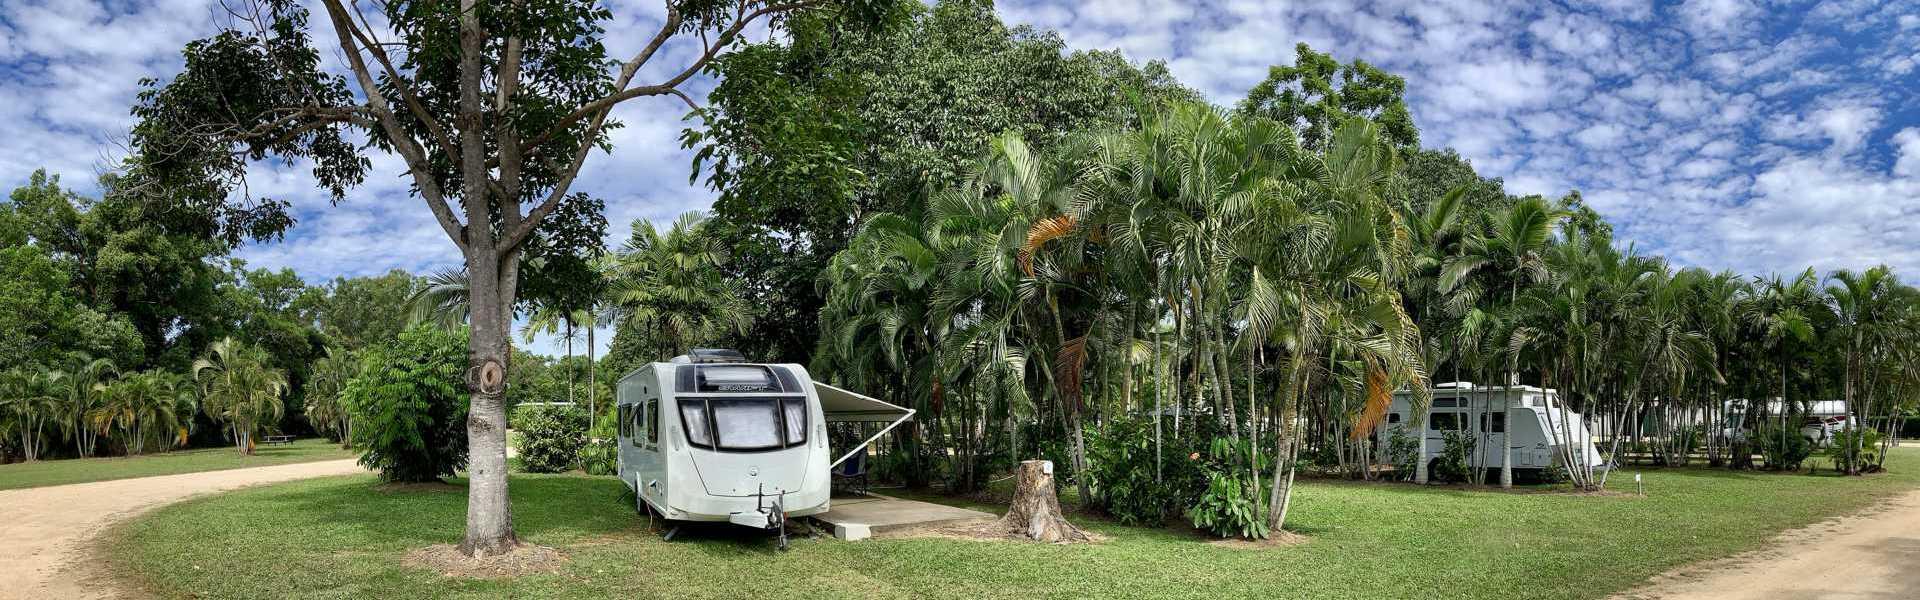 Crystal Creek Caravan Park 2